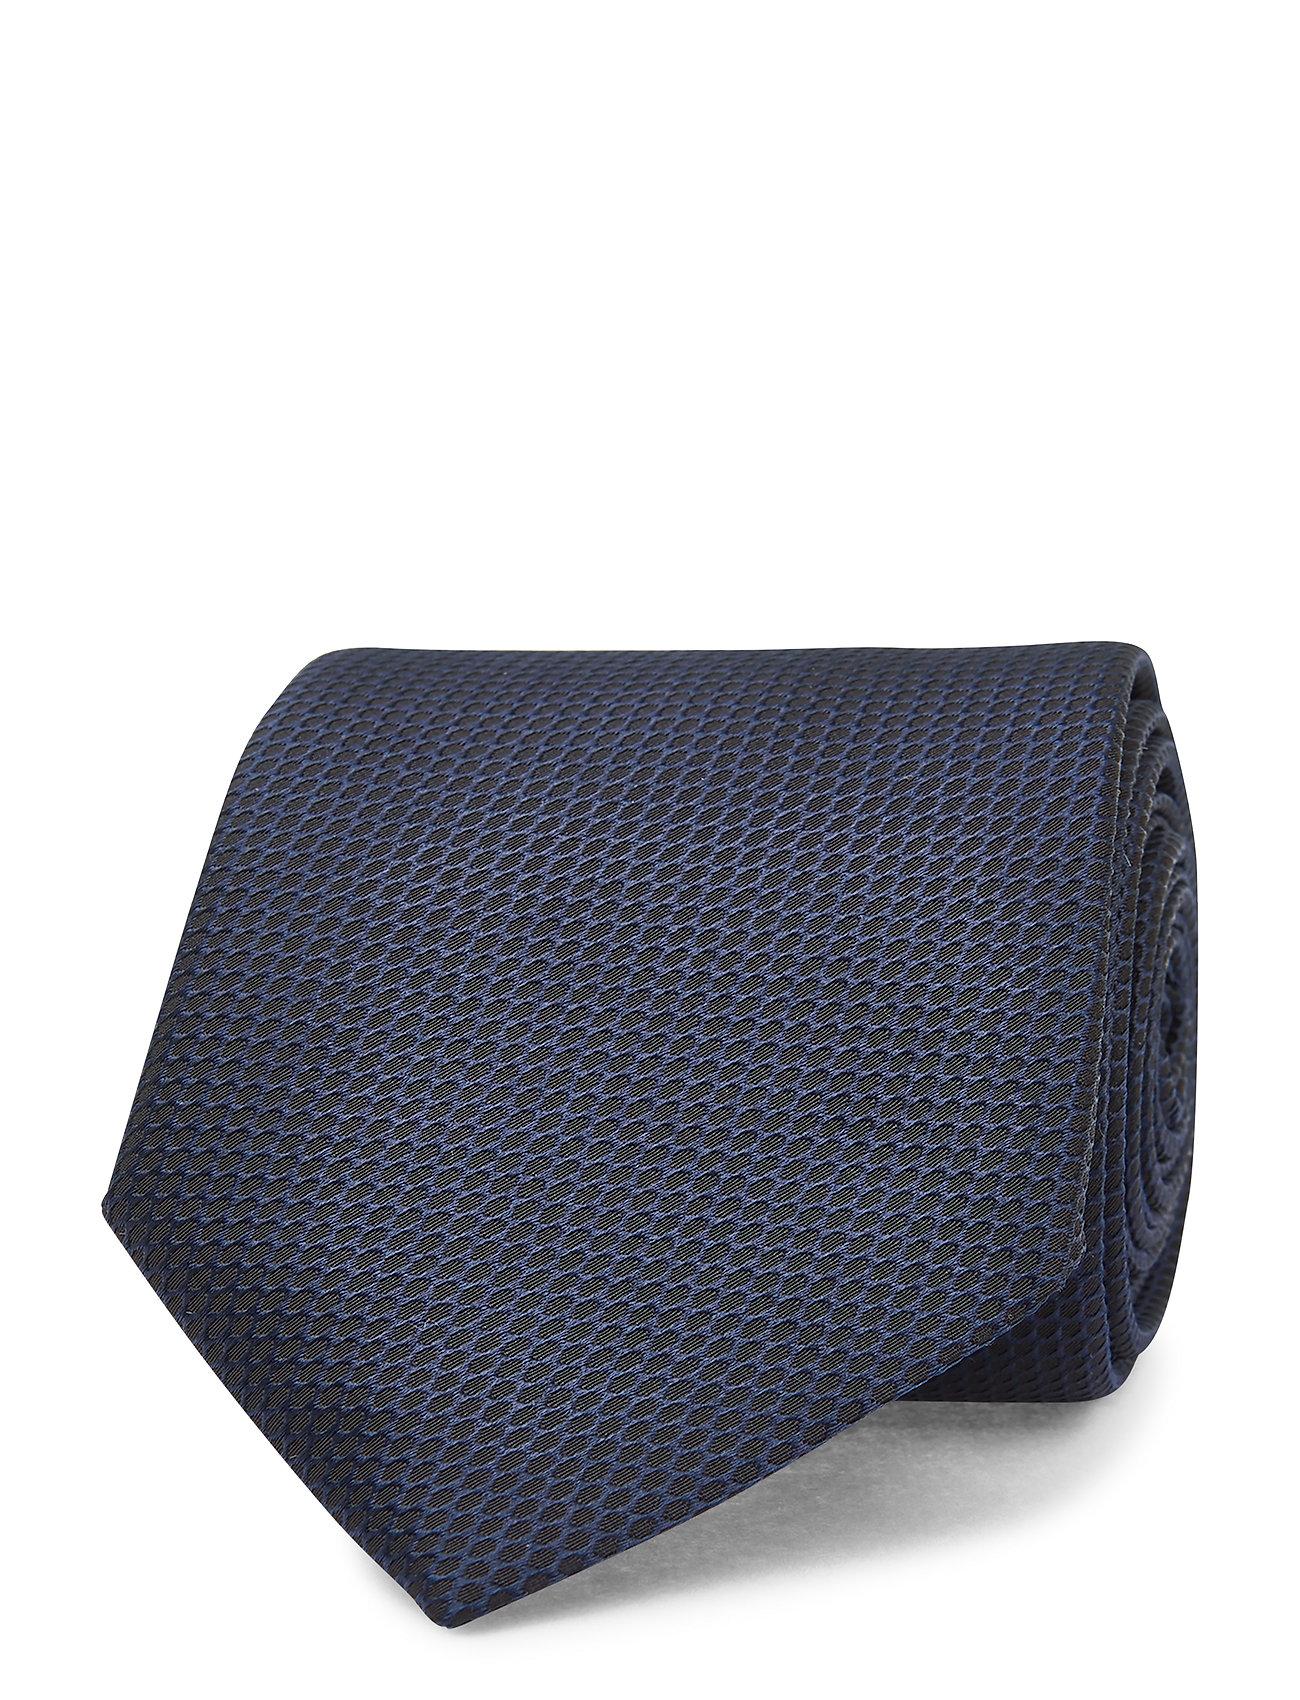 Image of Tie 7,5 Cm Slips Blå BOSS (3467806617)